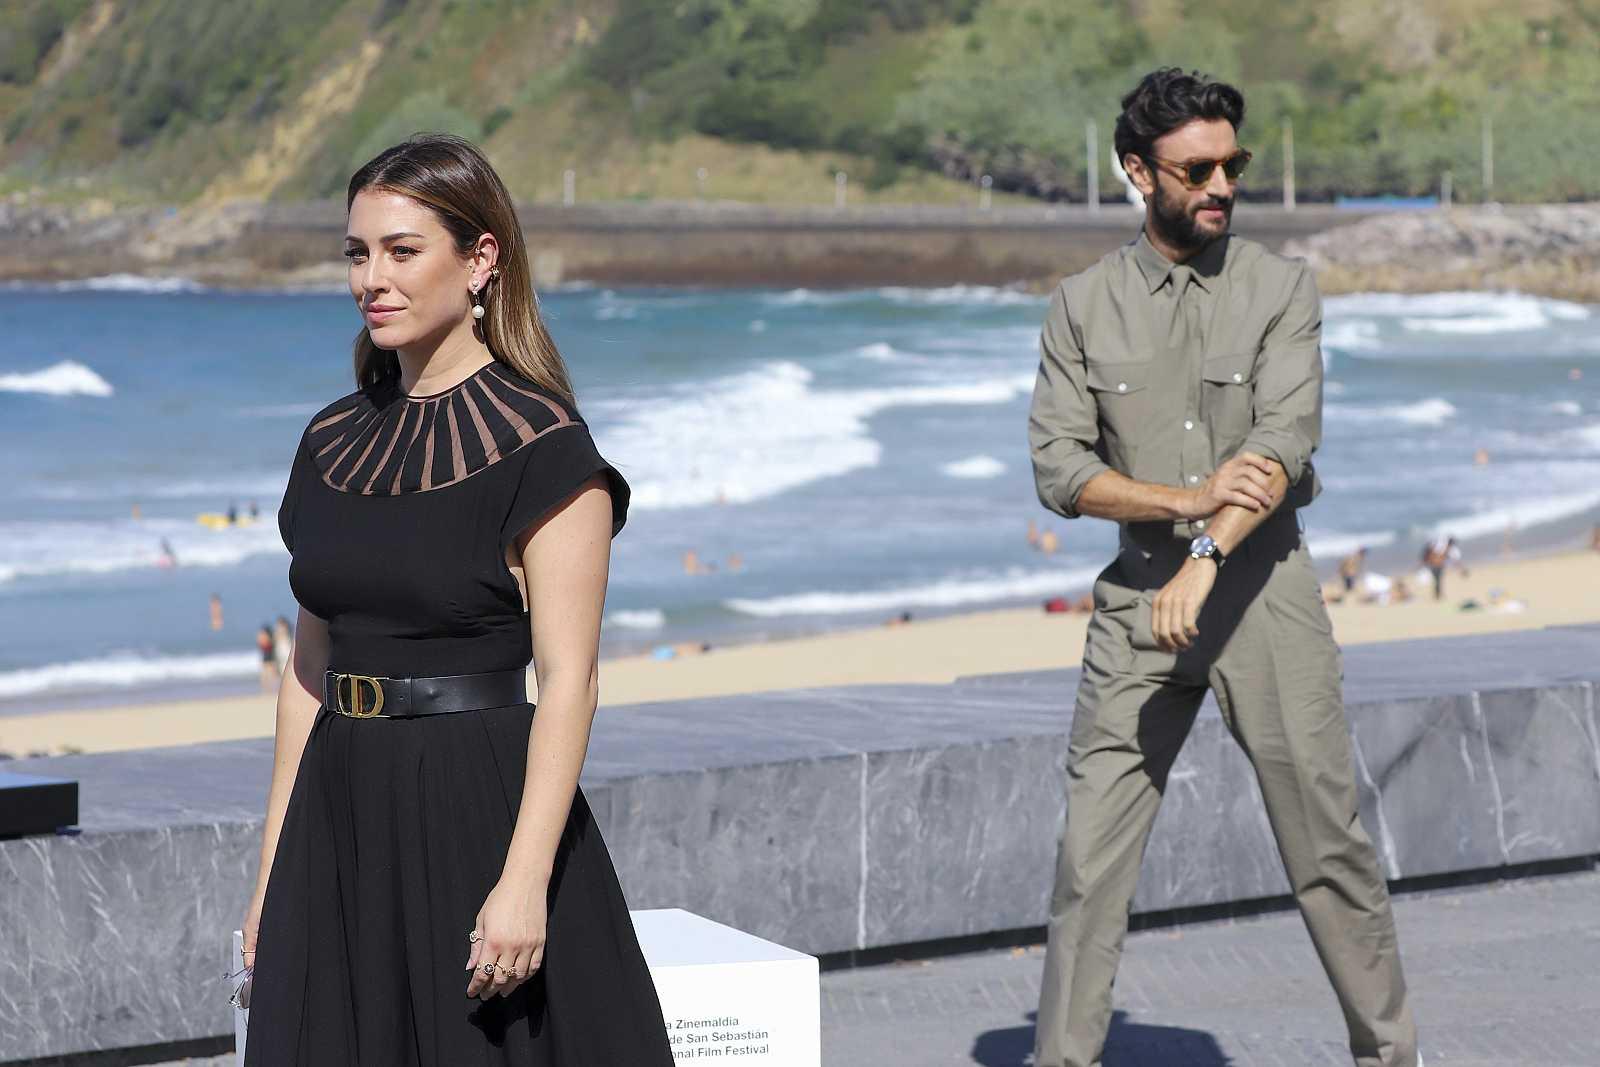 Blanca Suárez y Javier Rey presentan 'El verano que vivimos' en el Festival de San Sebastián